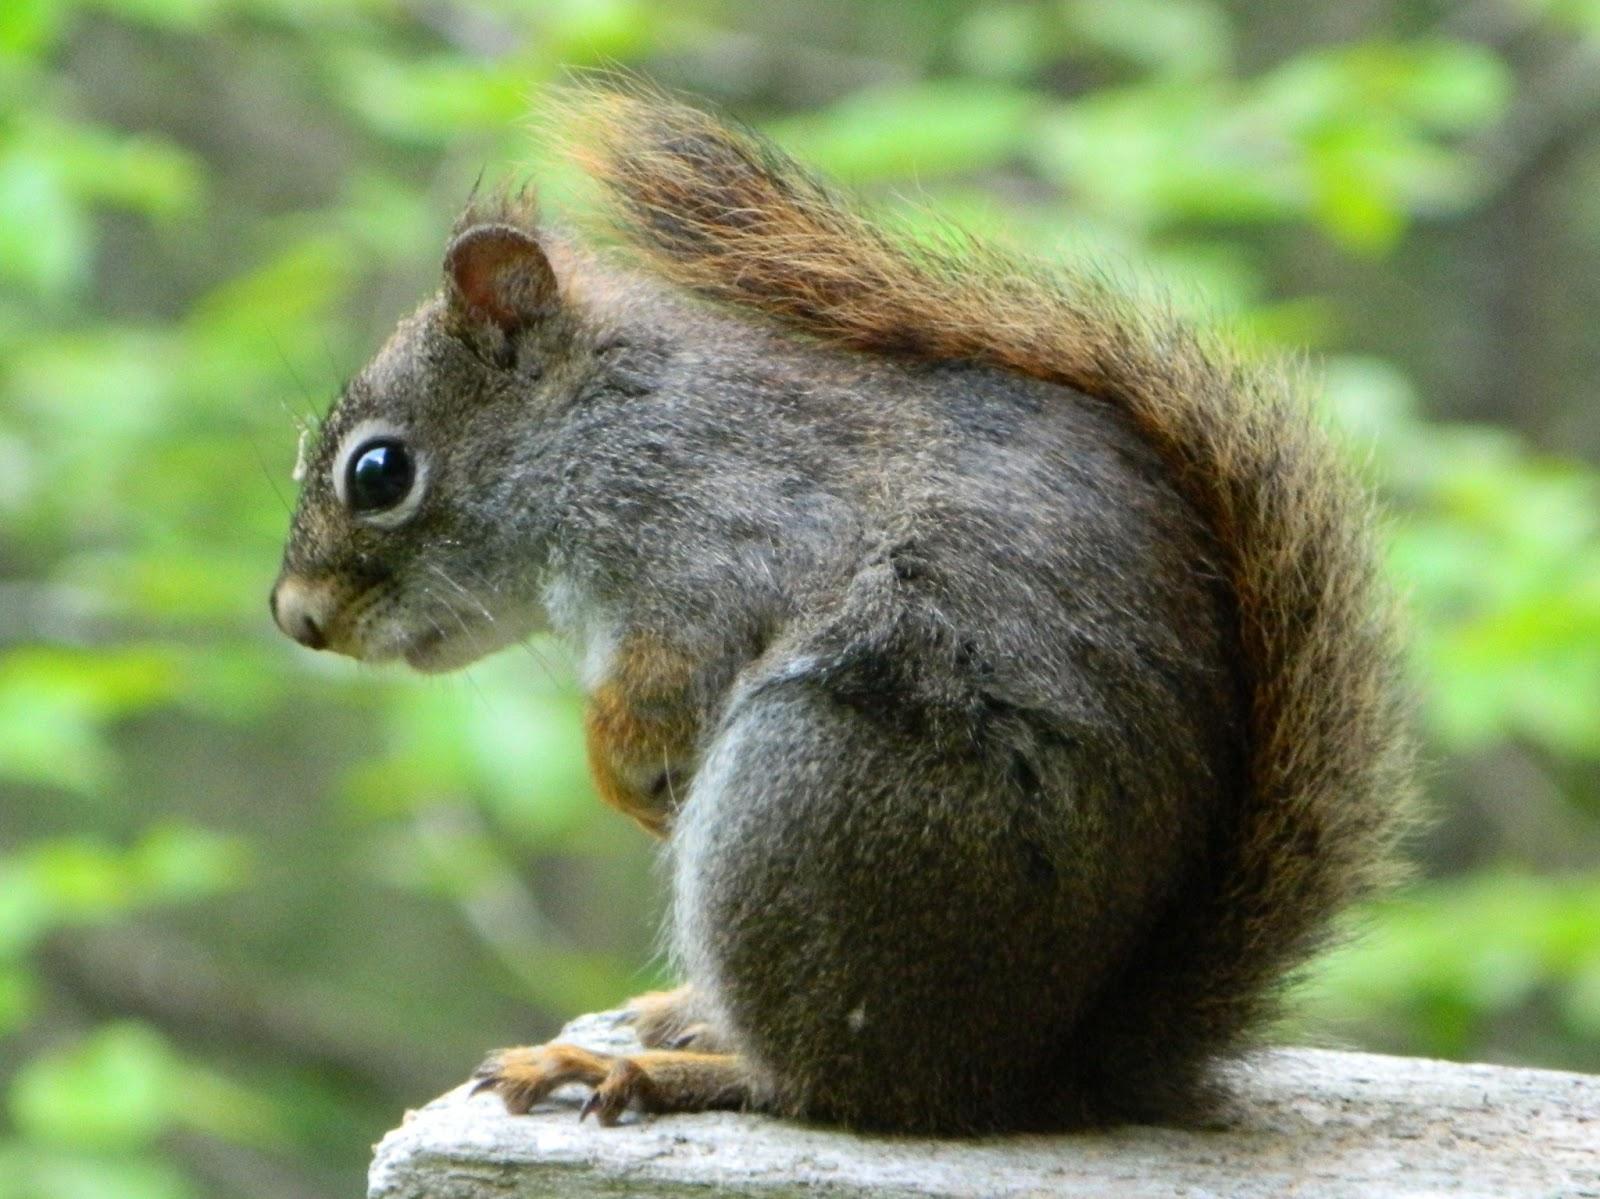 Cute squirrels in love - photo#9